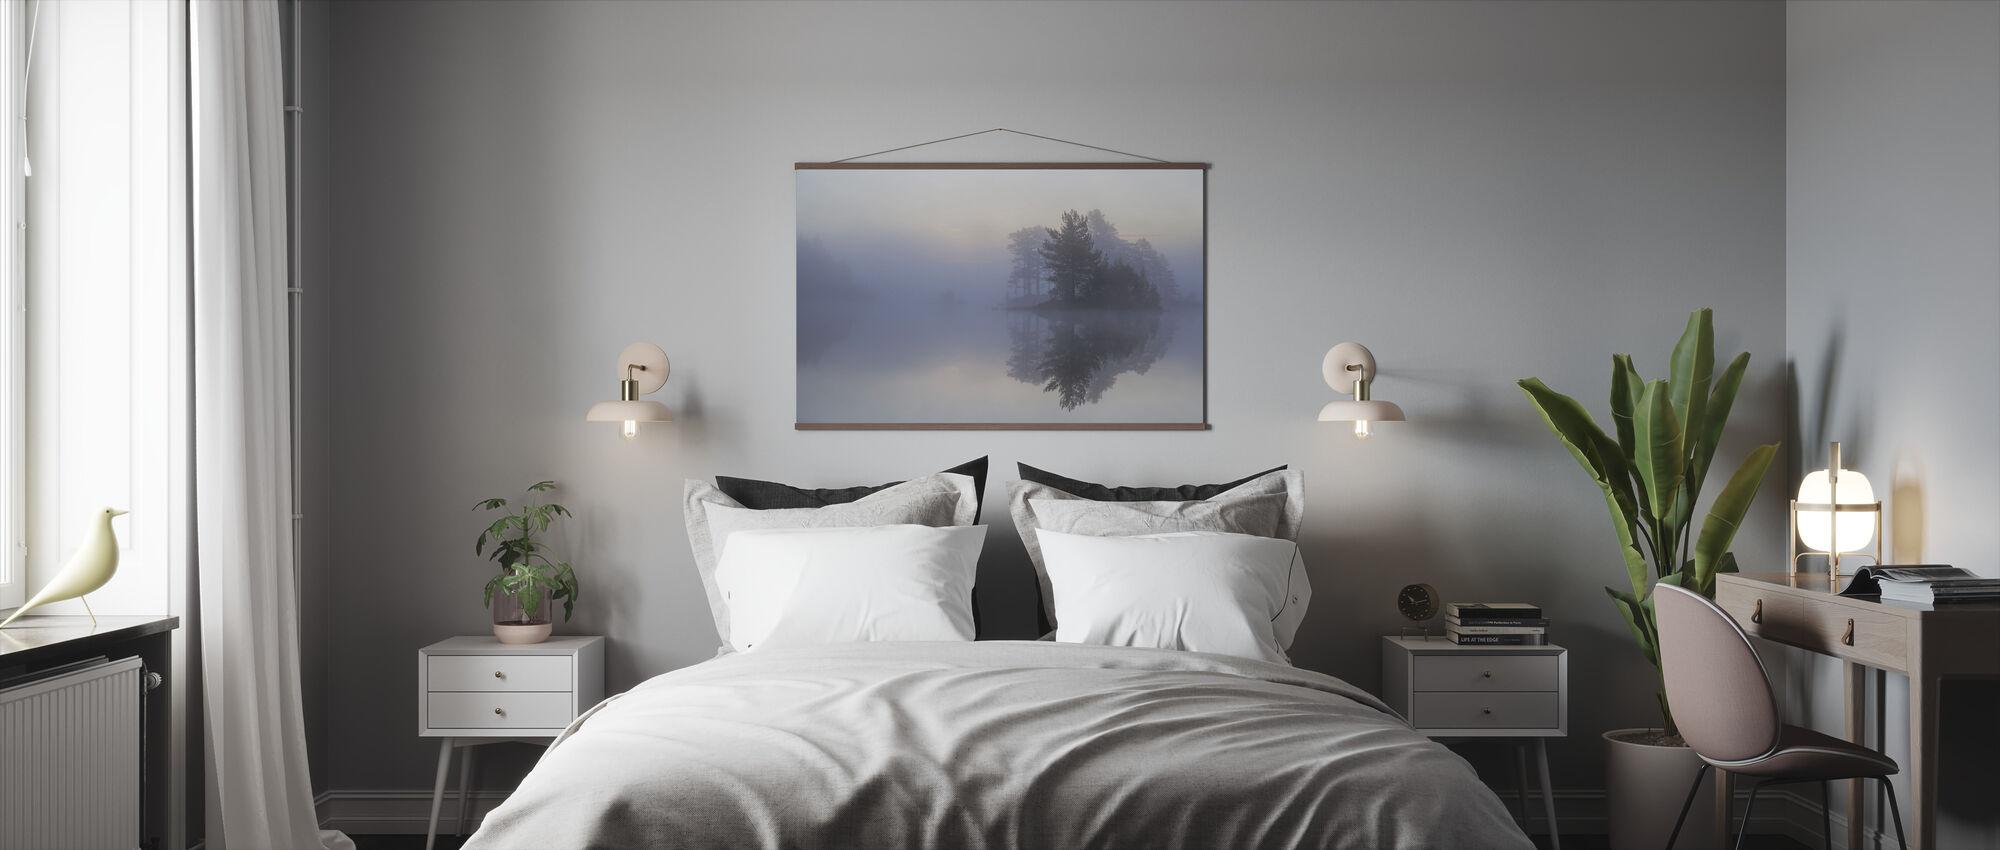 Mistige ochtend - Poster - Slaapkamer